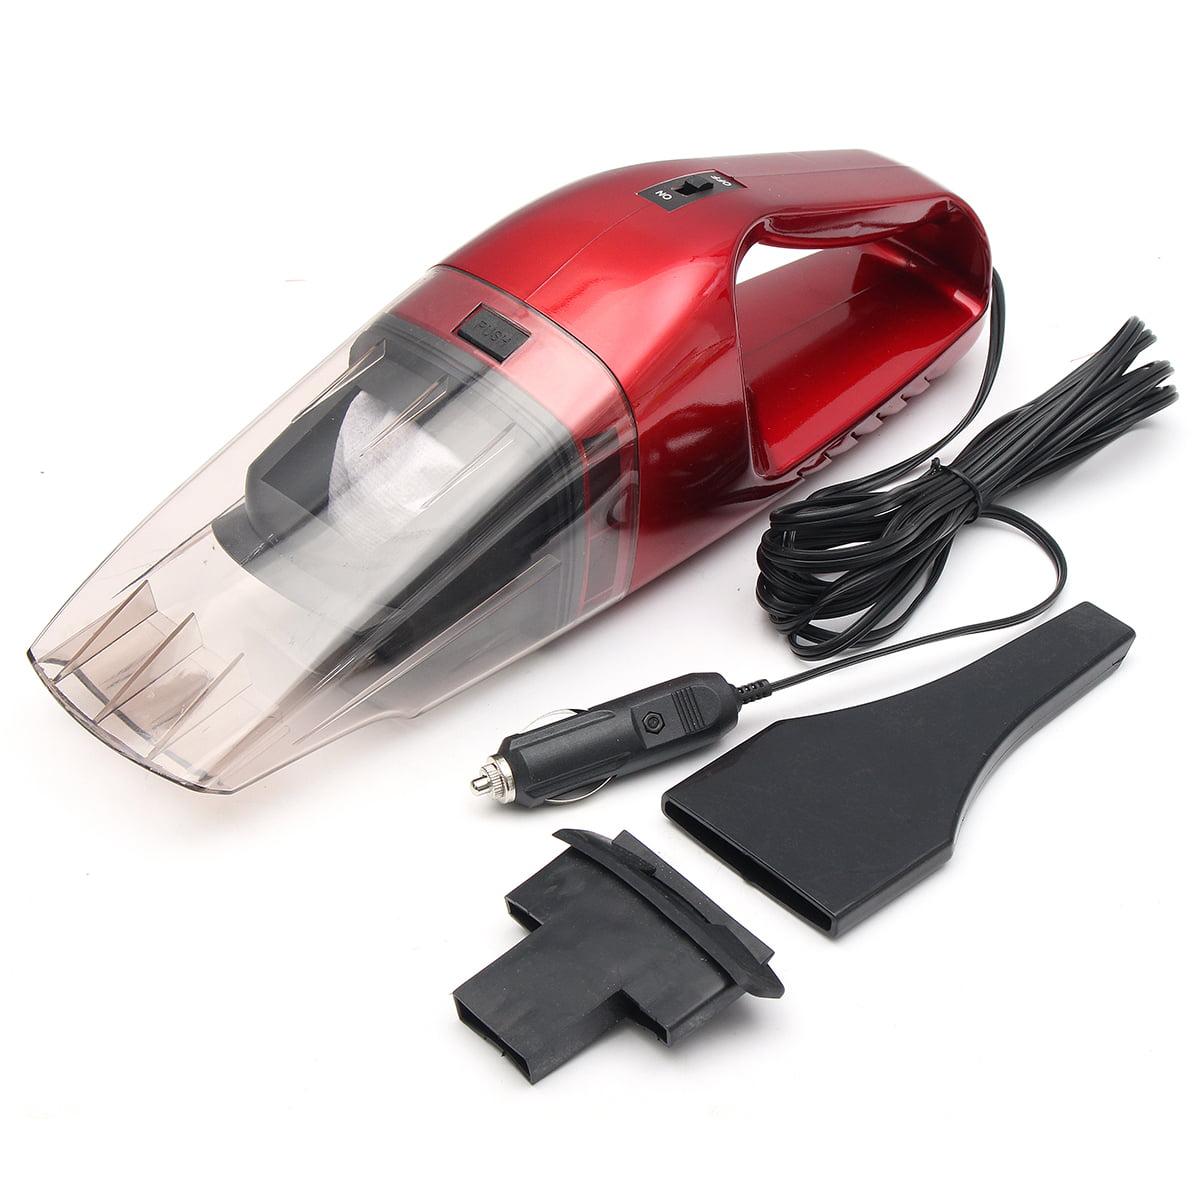 100W 12V Handheld Wet & Dry Car Van Home Vacuum Portable Dust Cleaner Hoover by